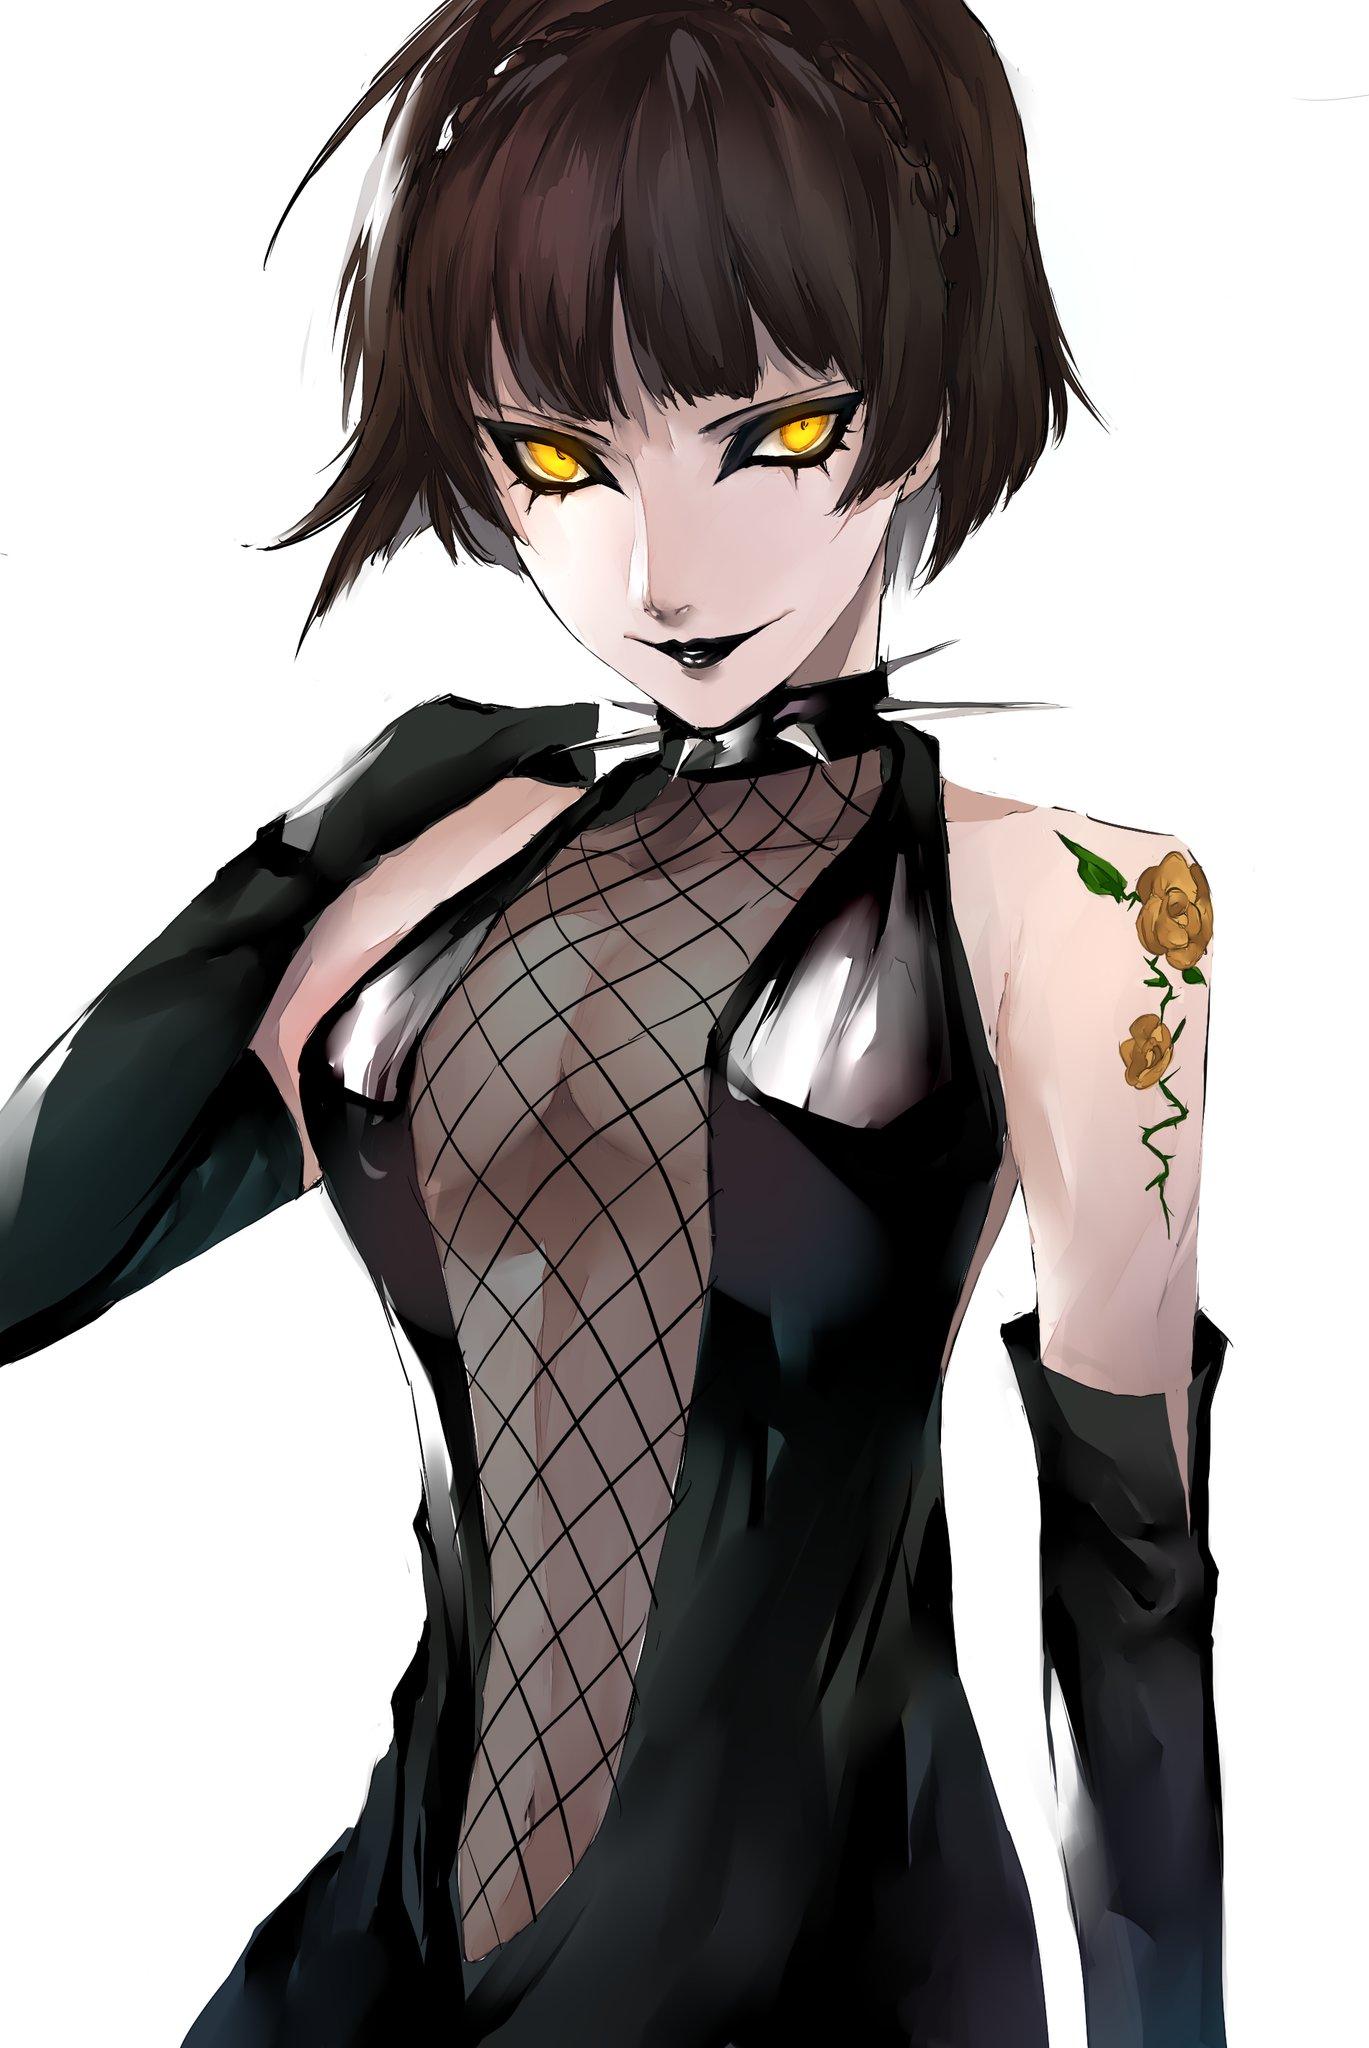 Makoto-Niijima-Persona-5-Persona-Shin-Megami-Tensei-6497117.jpeg - Persona 5